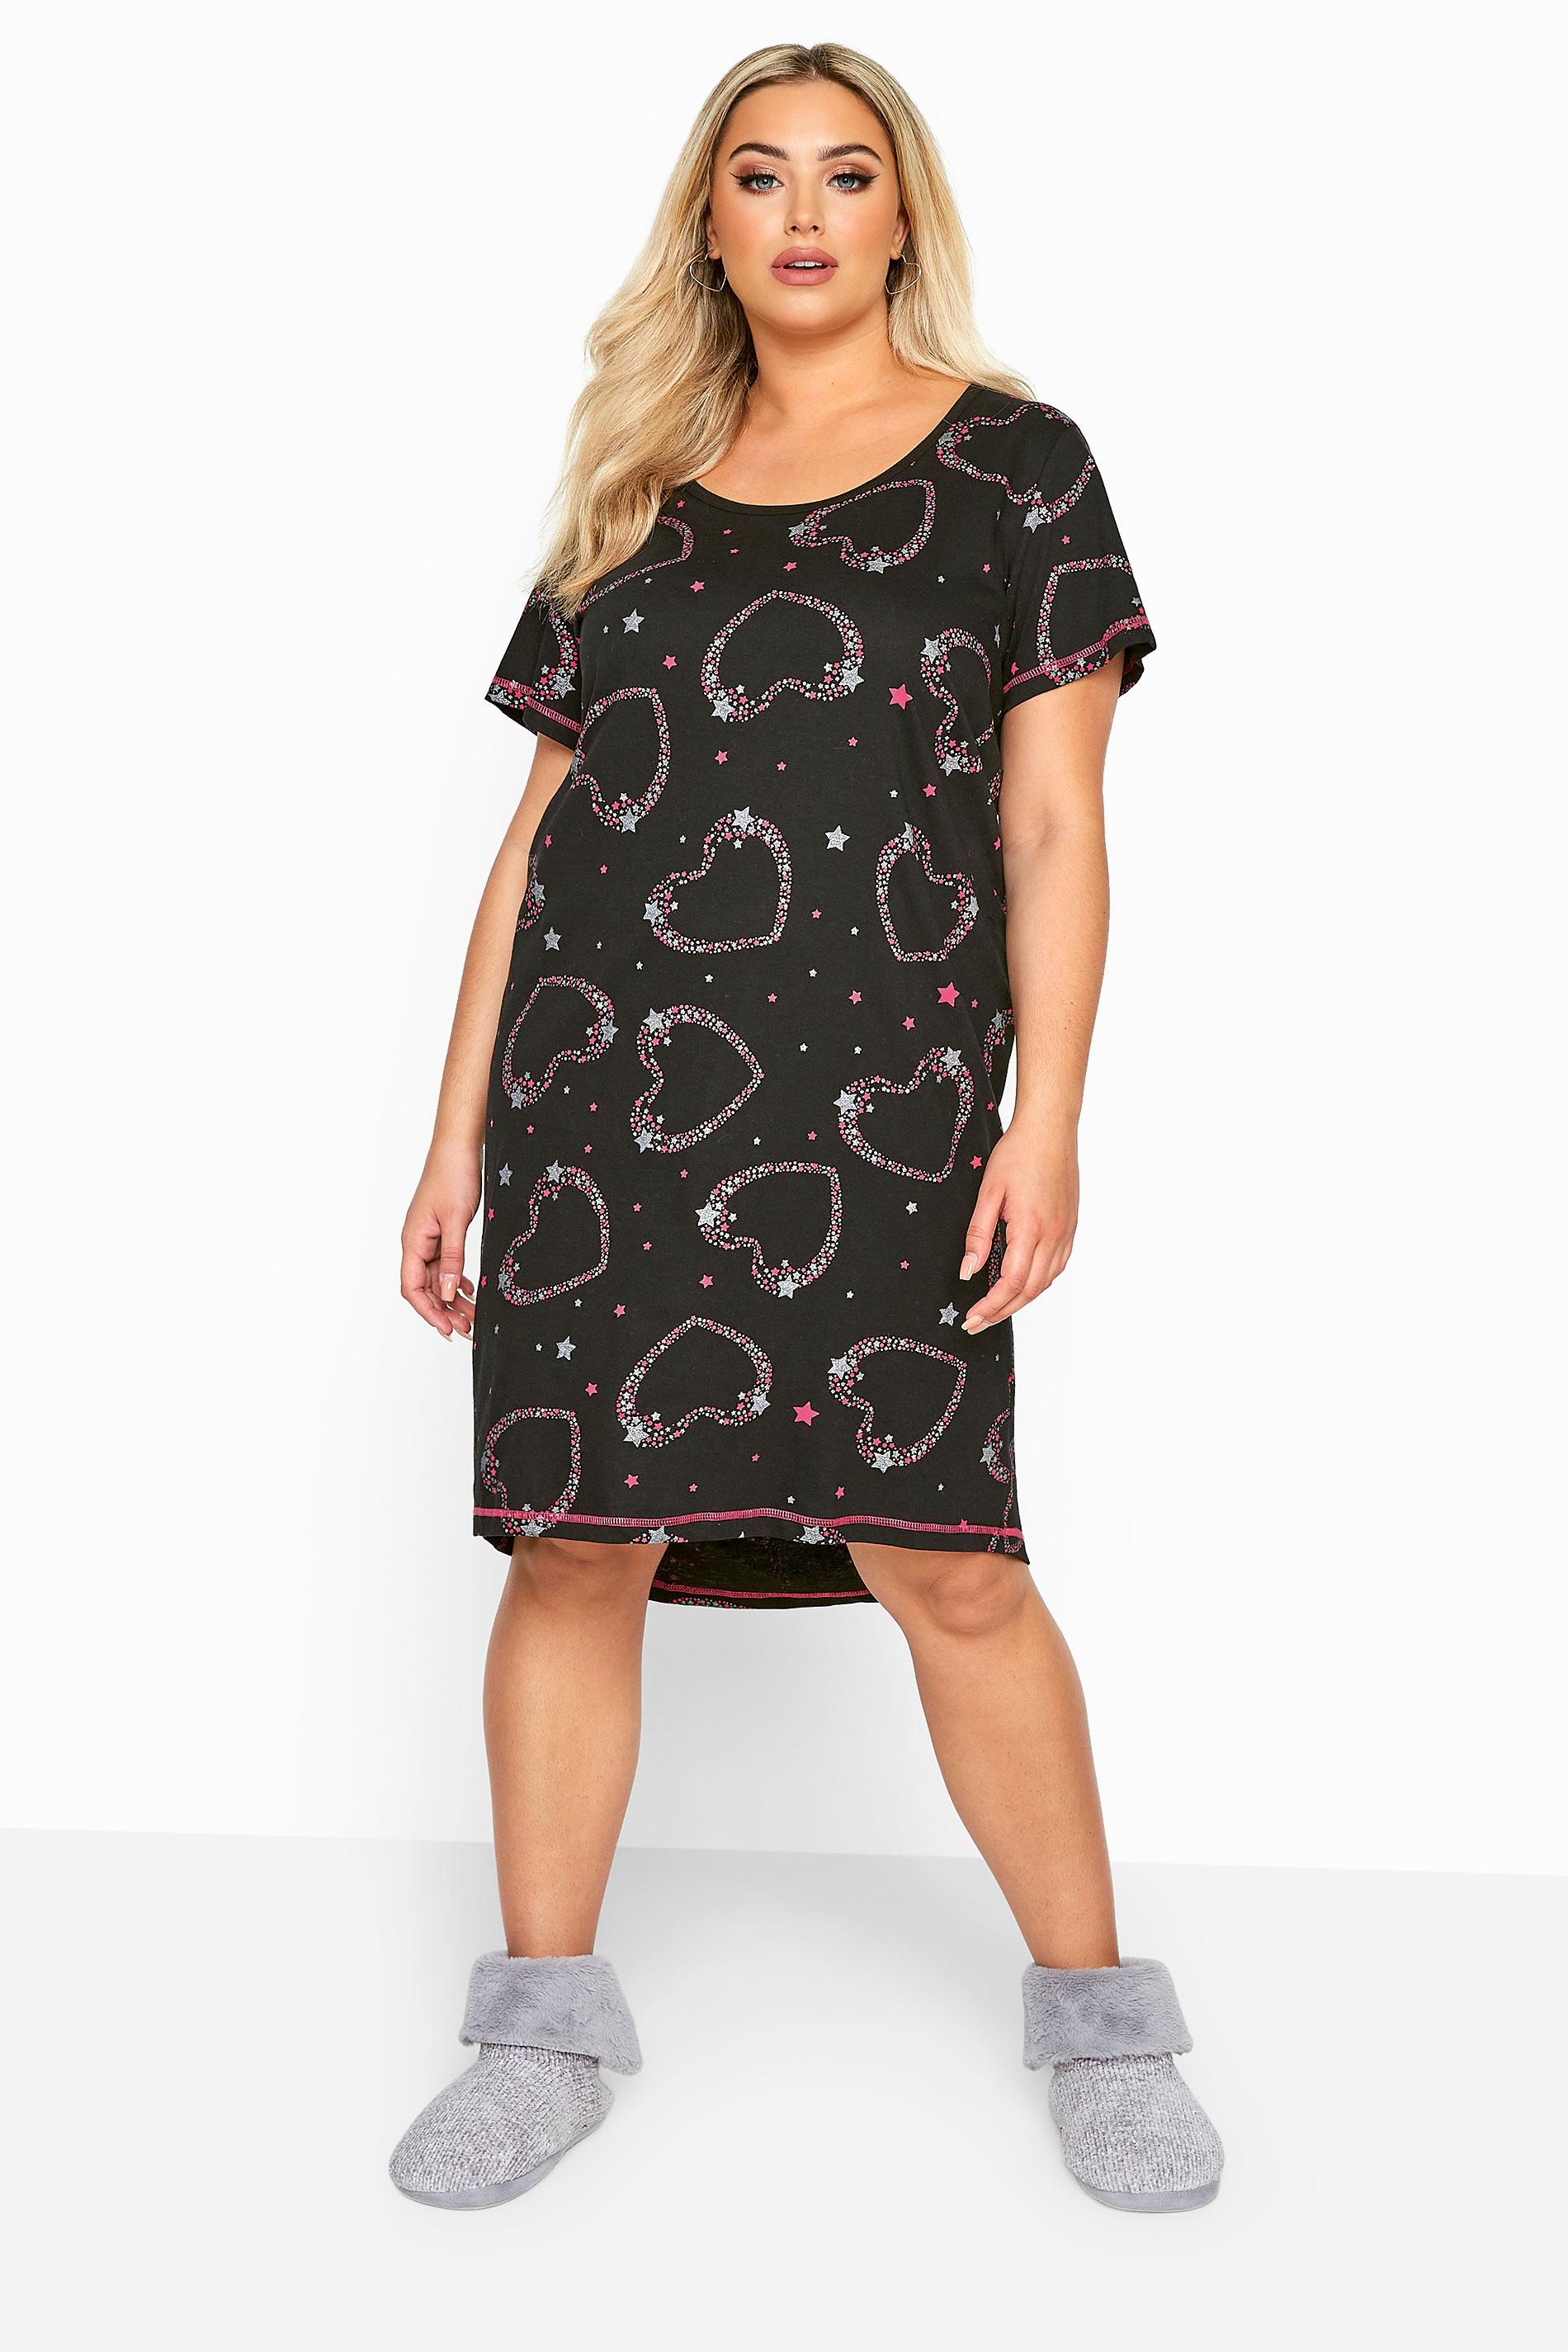 Nachthemd mit Glitzer-Herzen - Grau